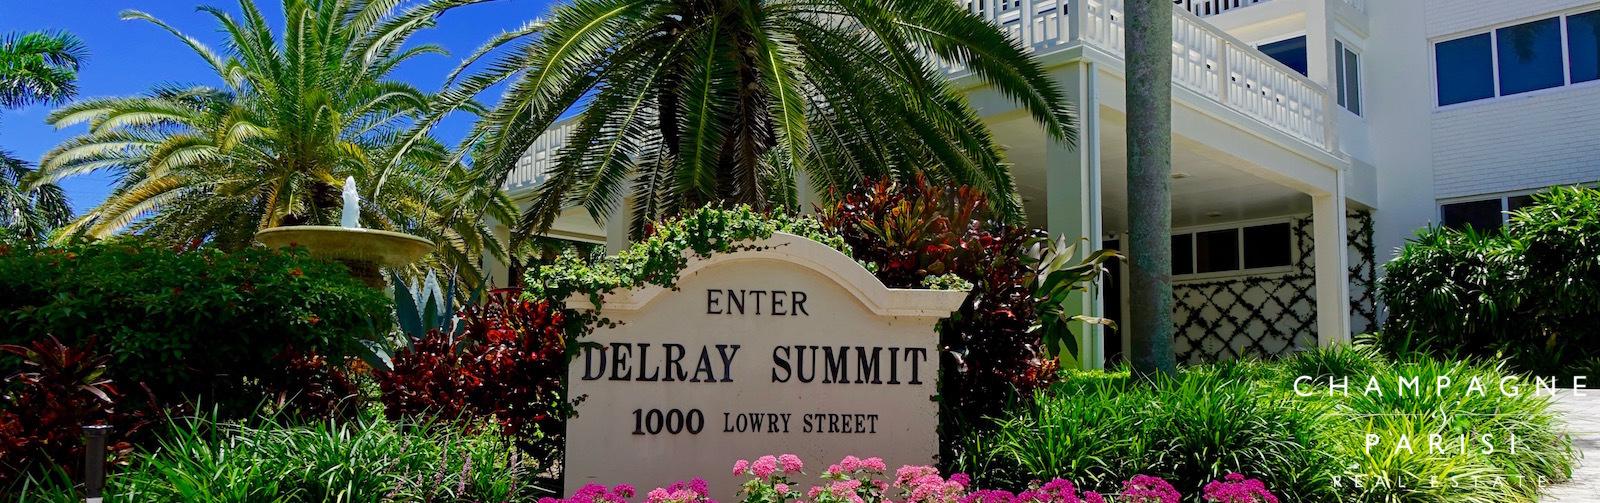 delray summit condos